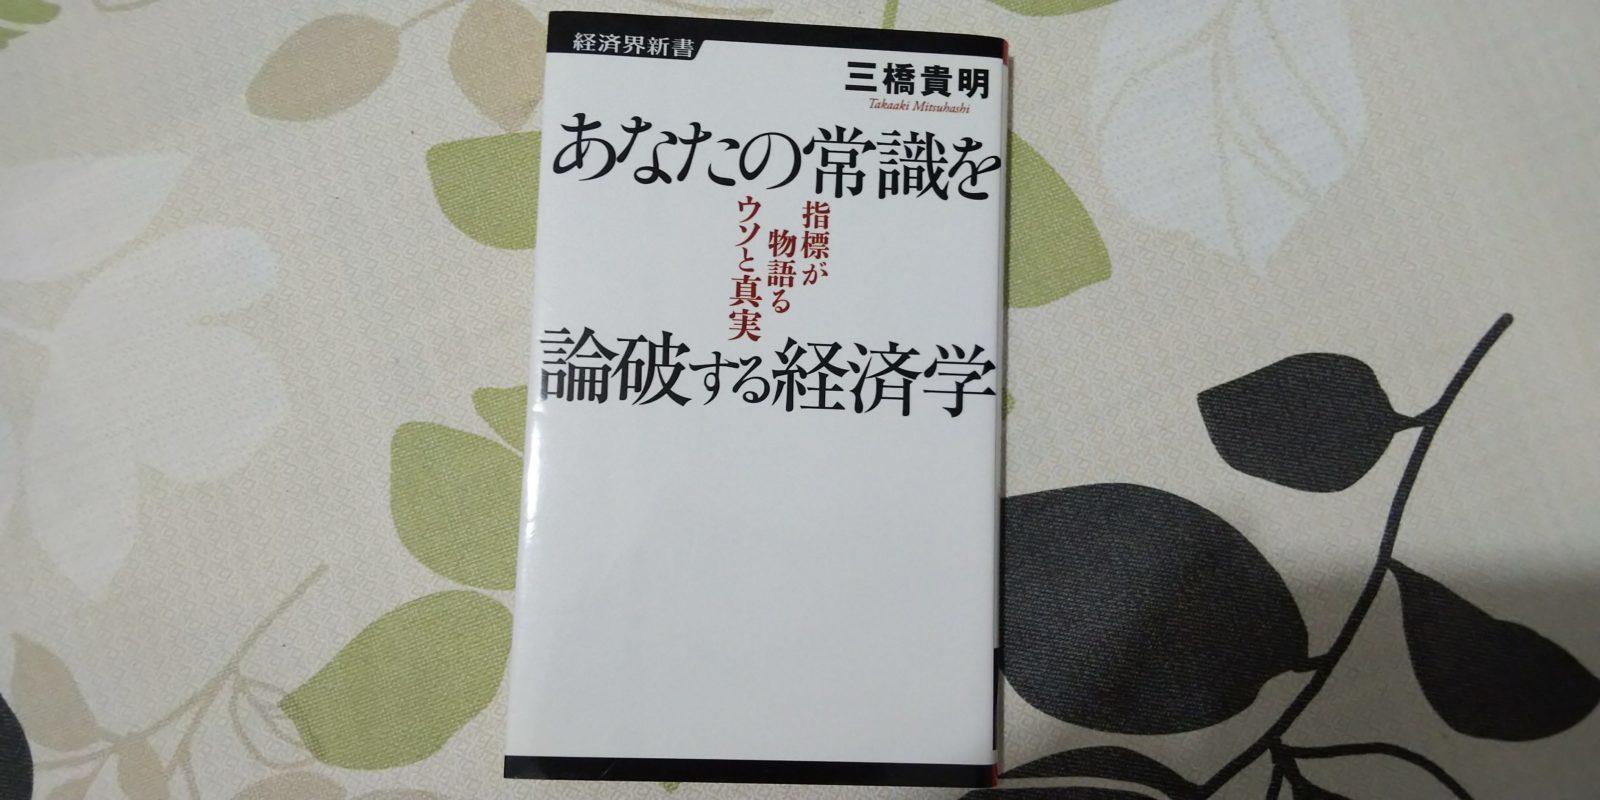 三橋貴明 山本太郎